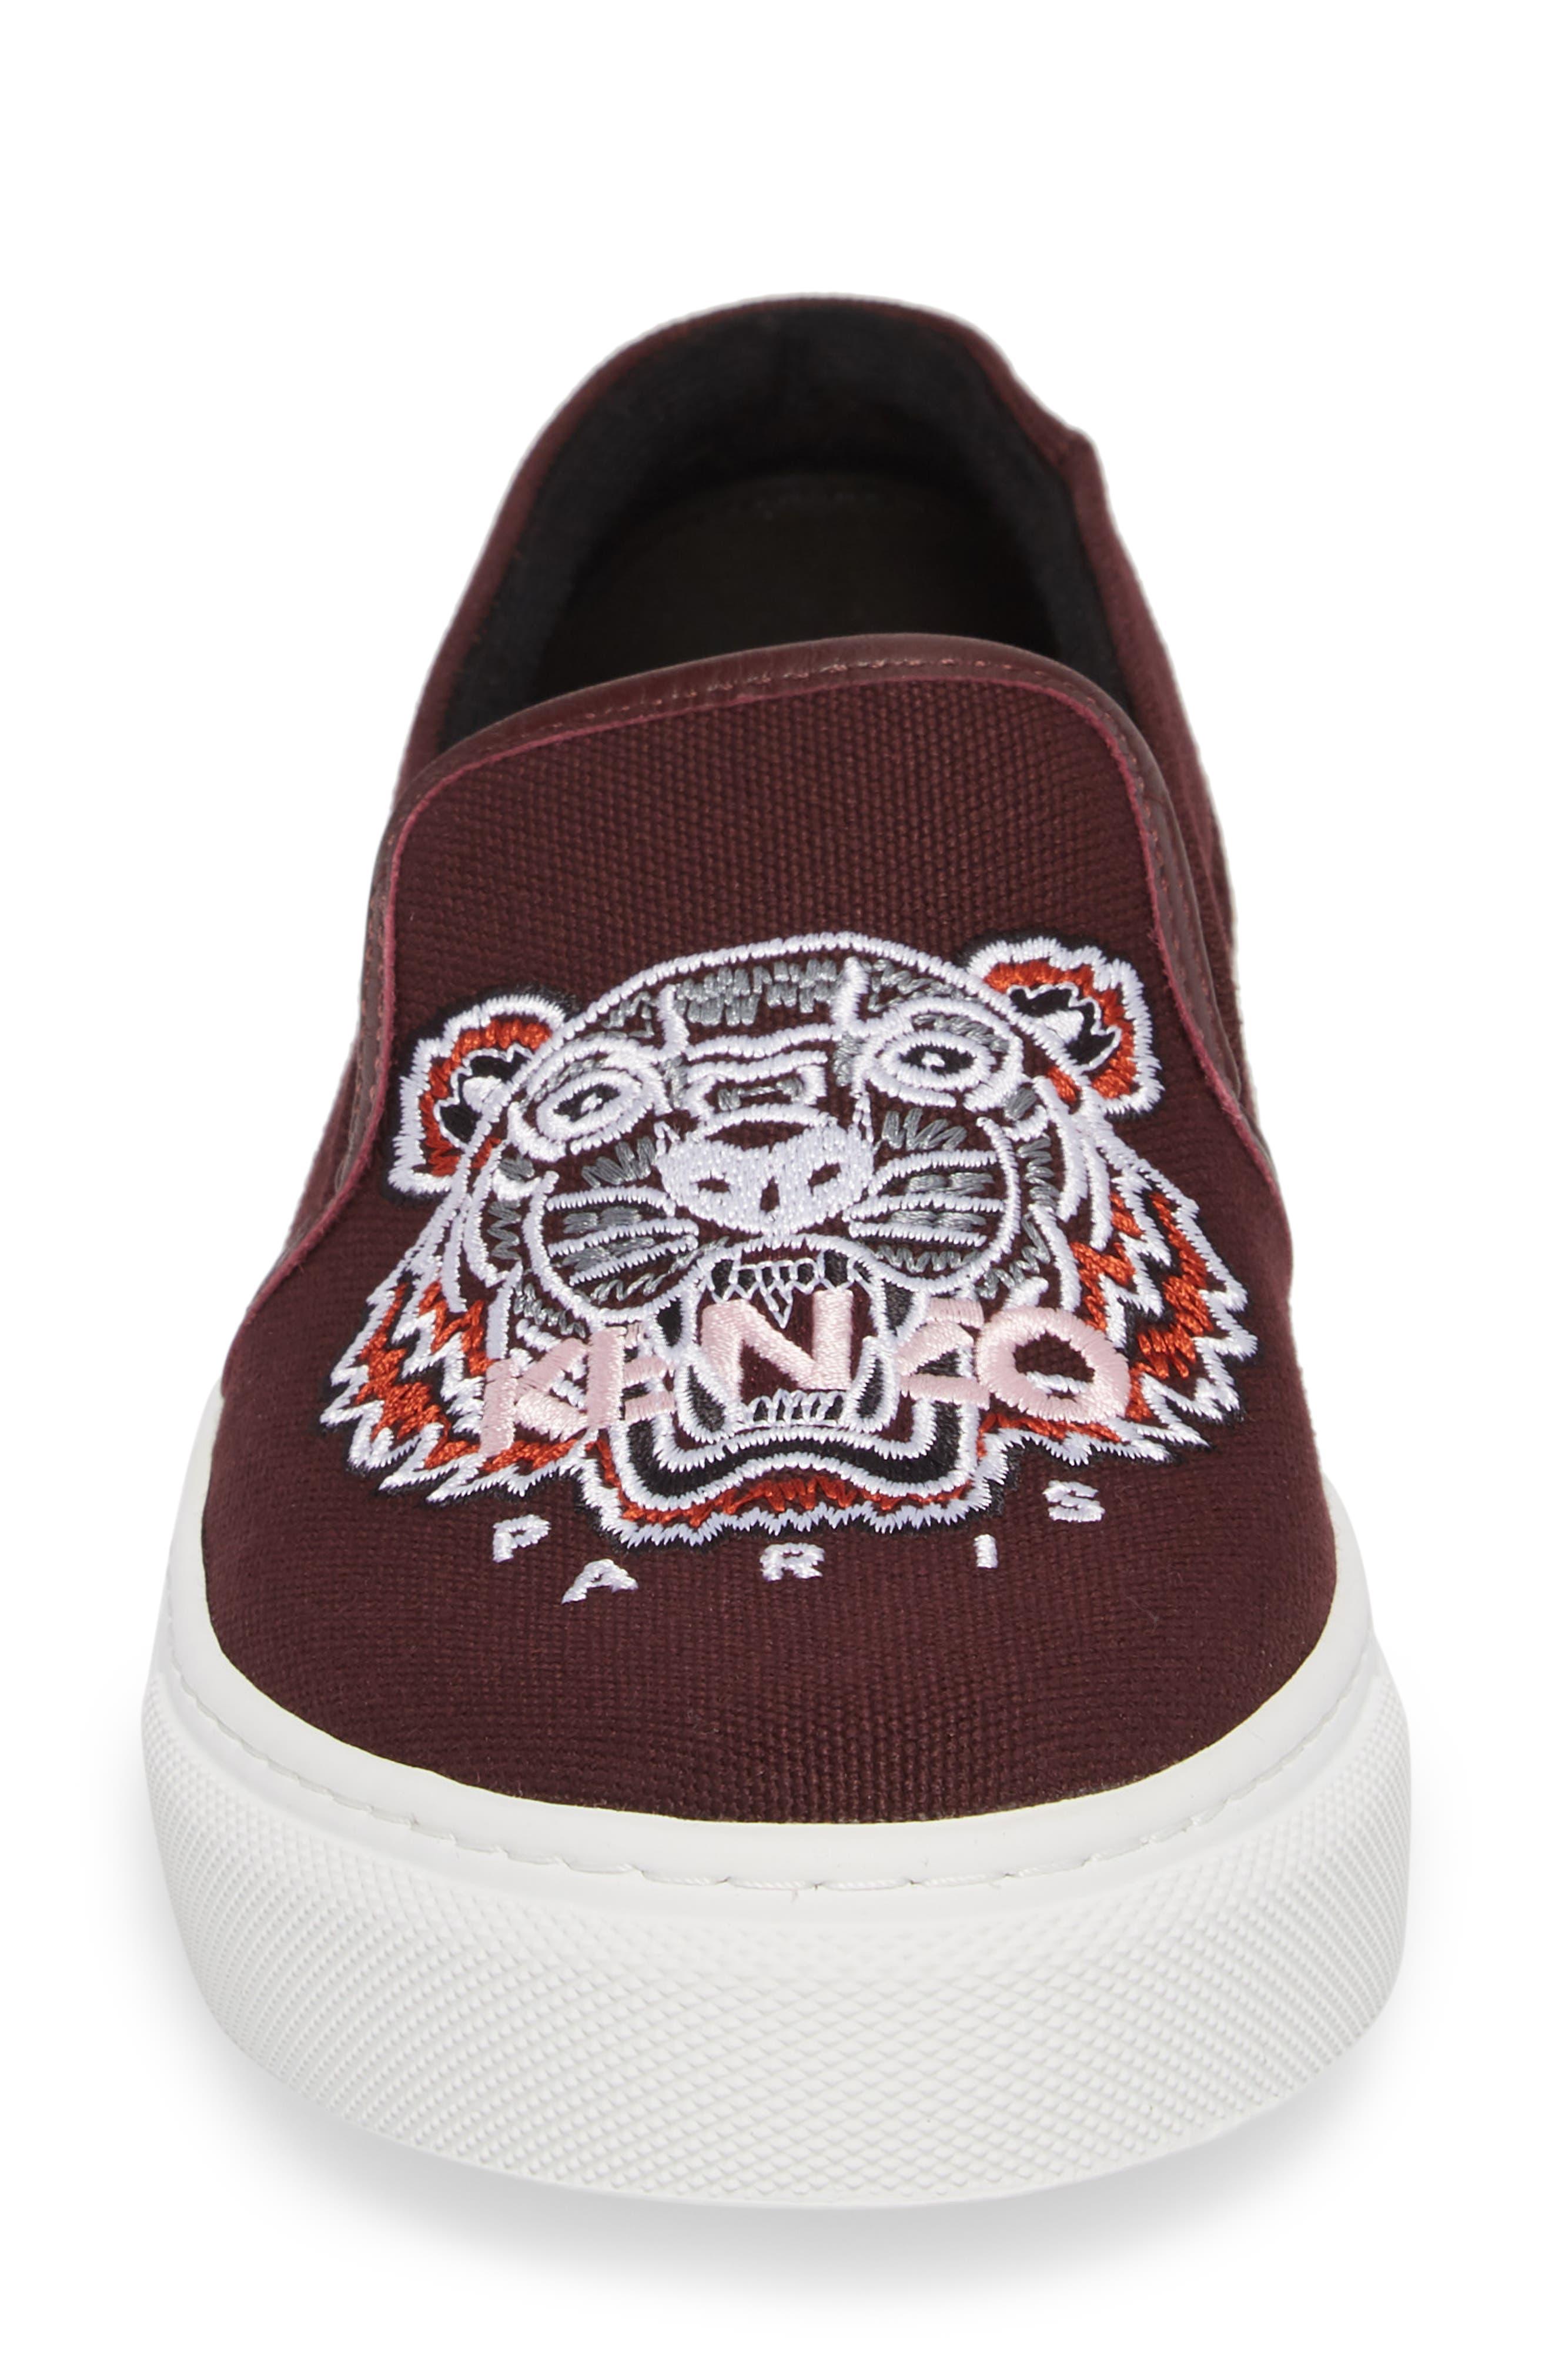 K Skate Embroidered Slip-On Sneaker,                             Alternate thumbnail 3, color,                             Bordeaux